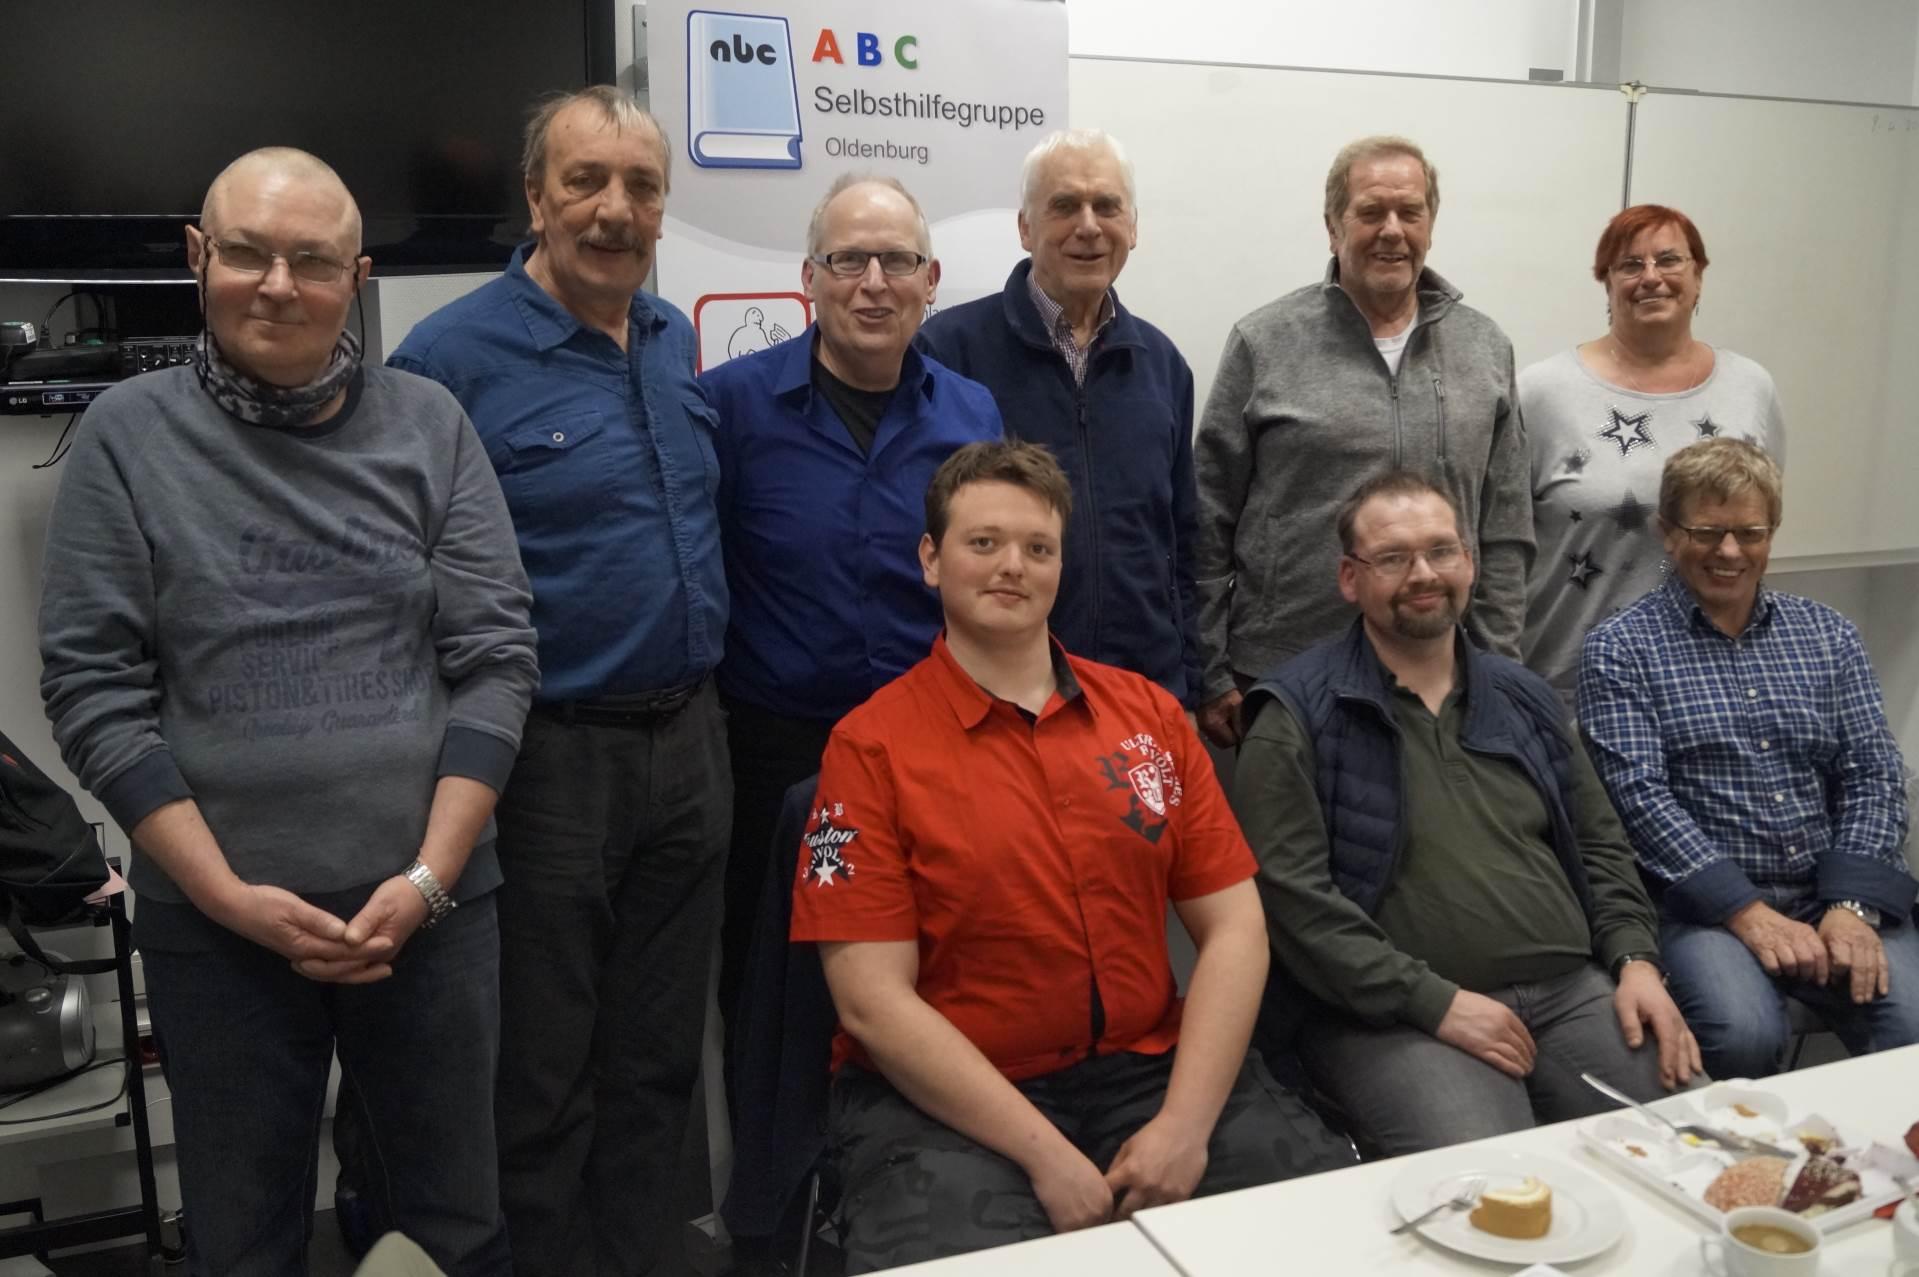 obere Reihe von re. nach li.: Bärbel Kitzing, Rolf Spankus, Jürgen Bruhn, Ernst Lorenzen | Foto: Achim Scholz